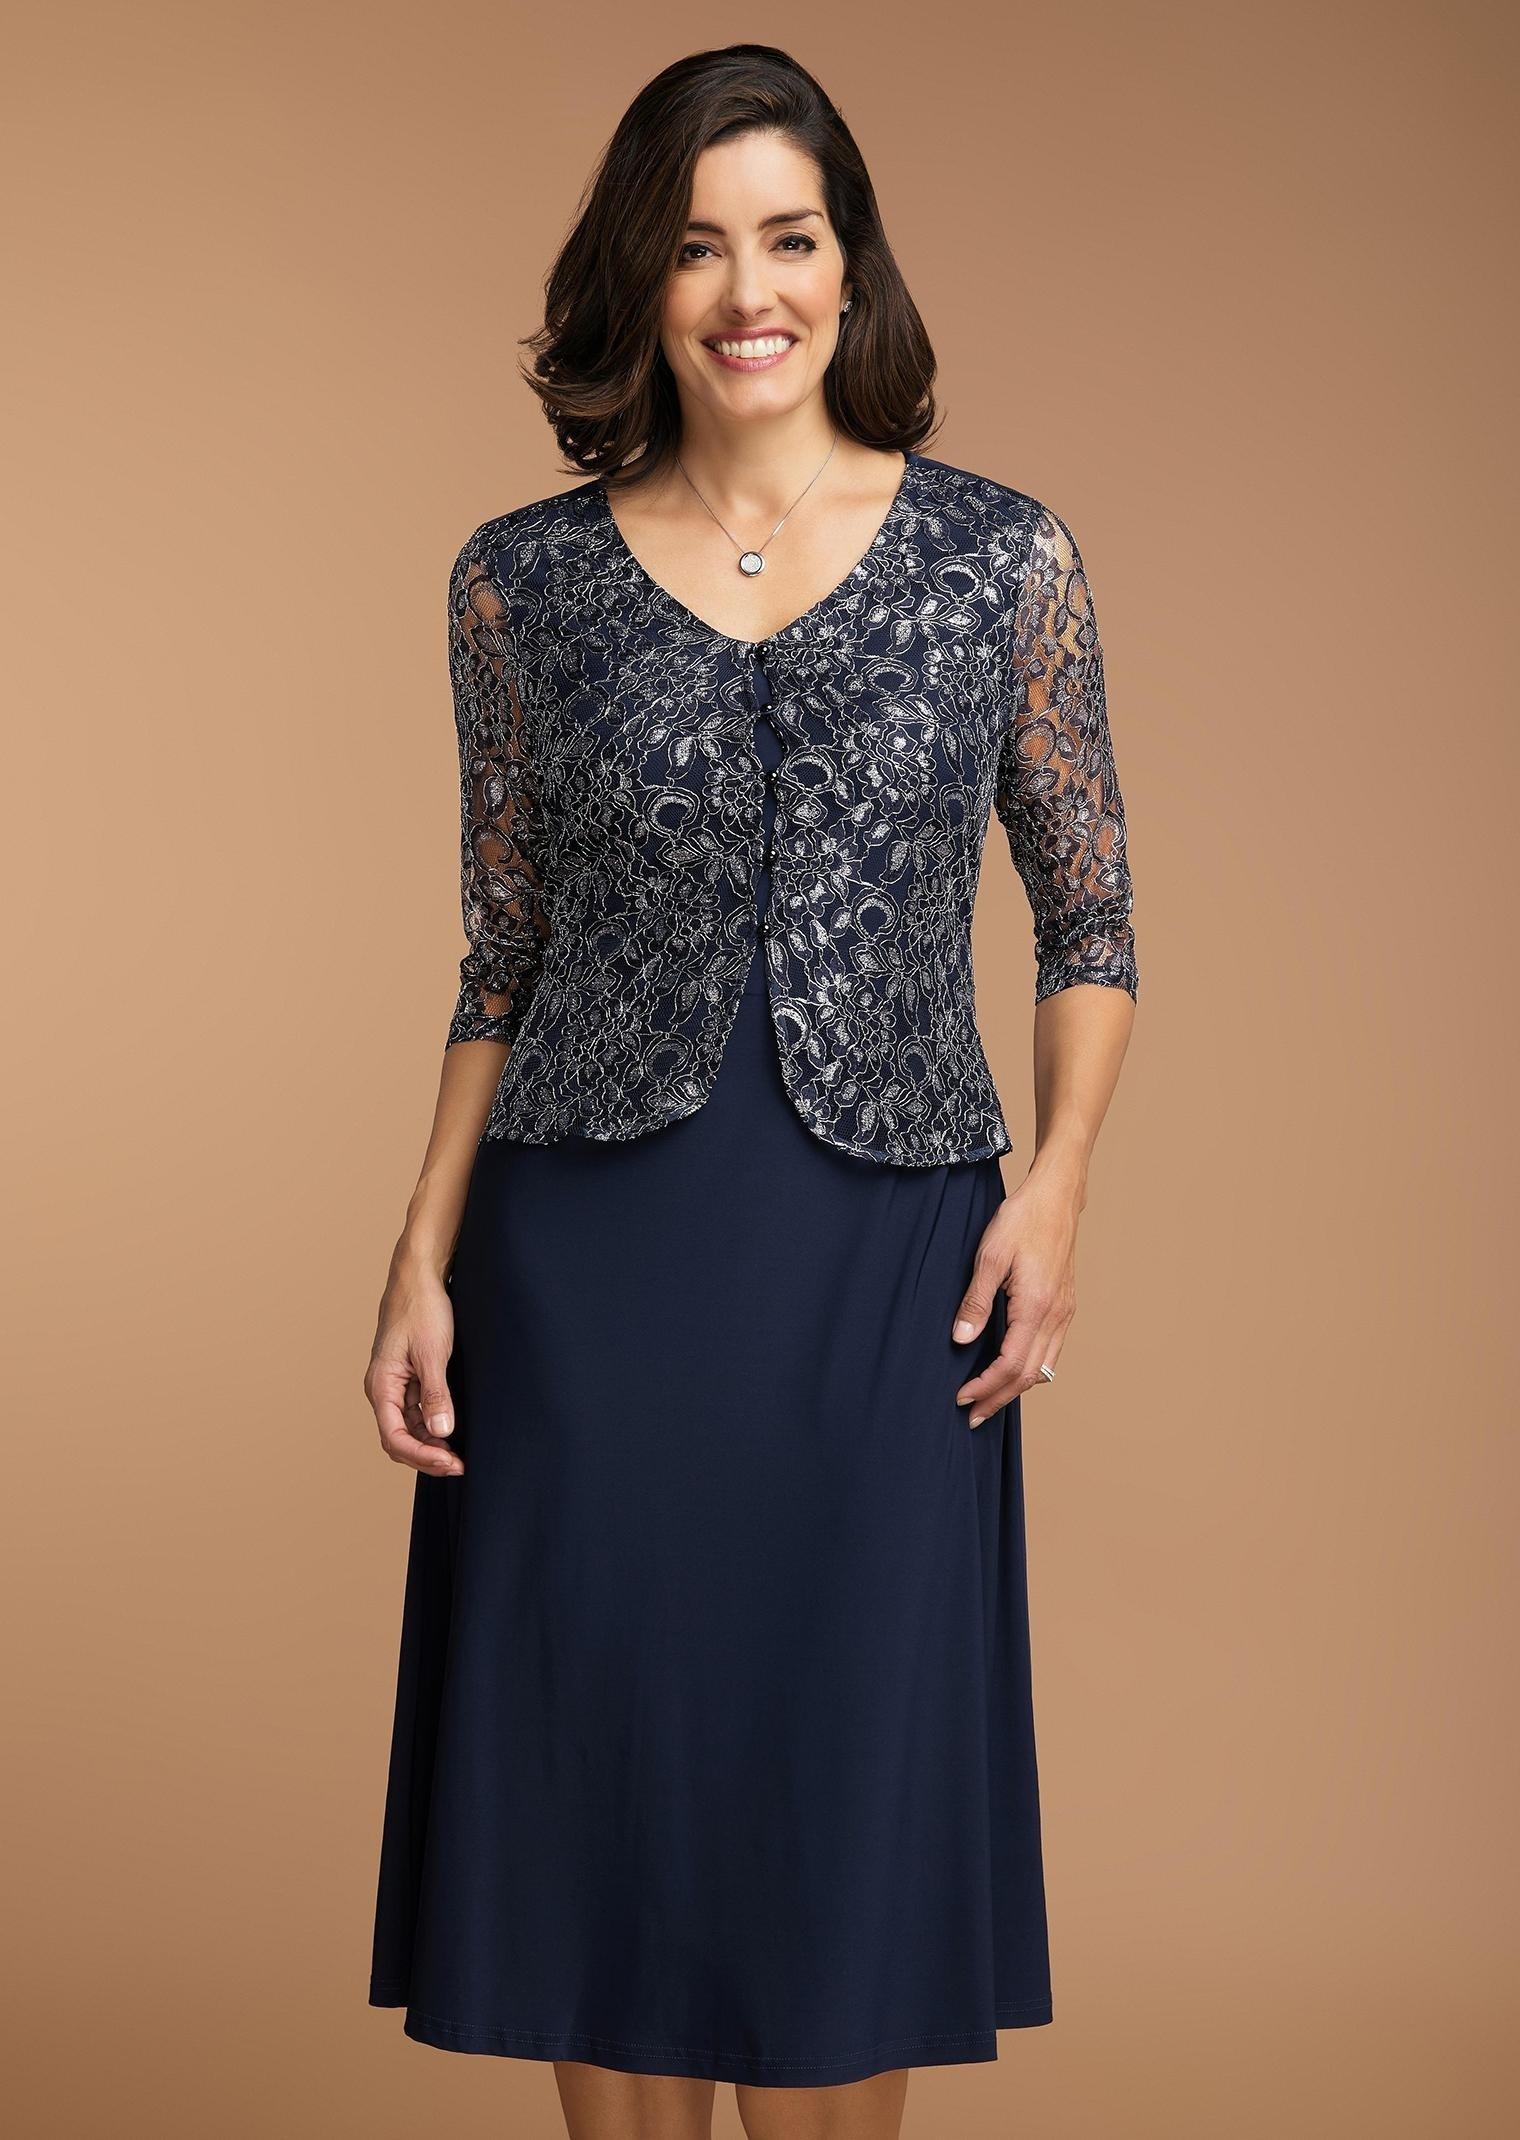 15 schön festliche kleider größe 48 design - abendkleid